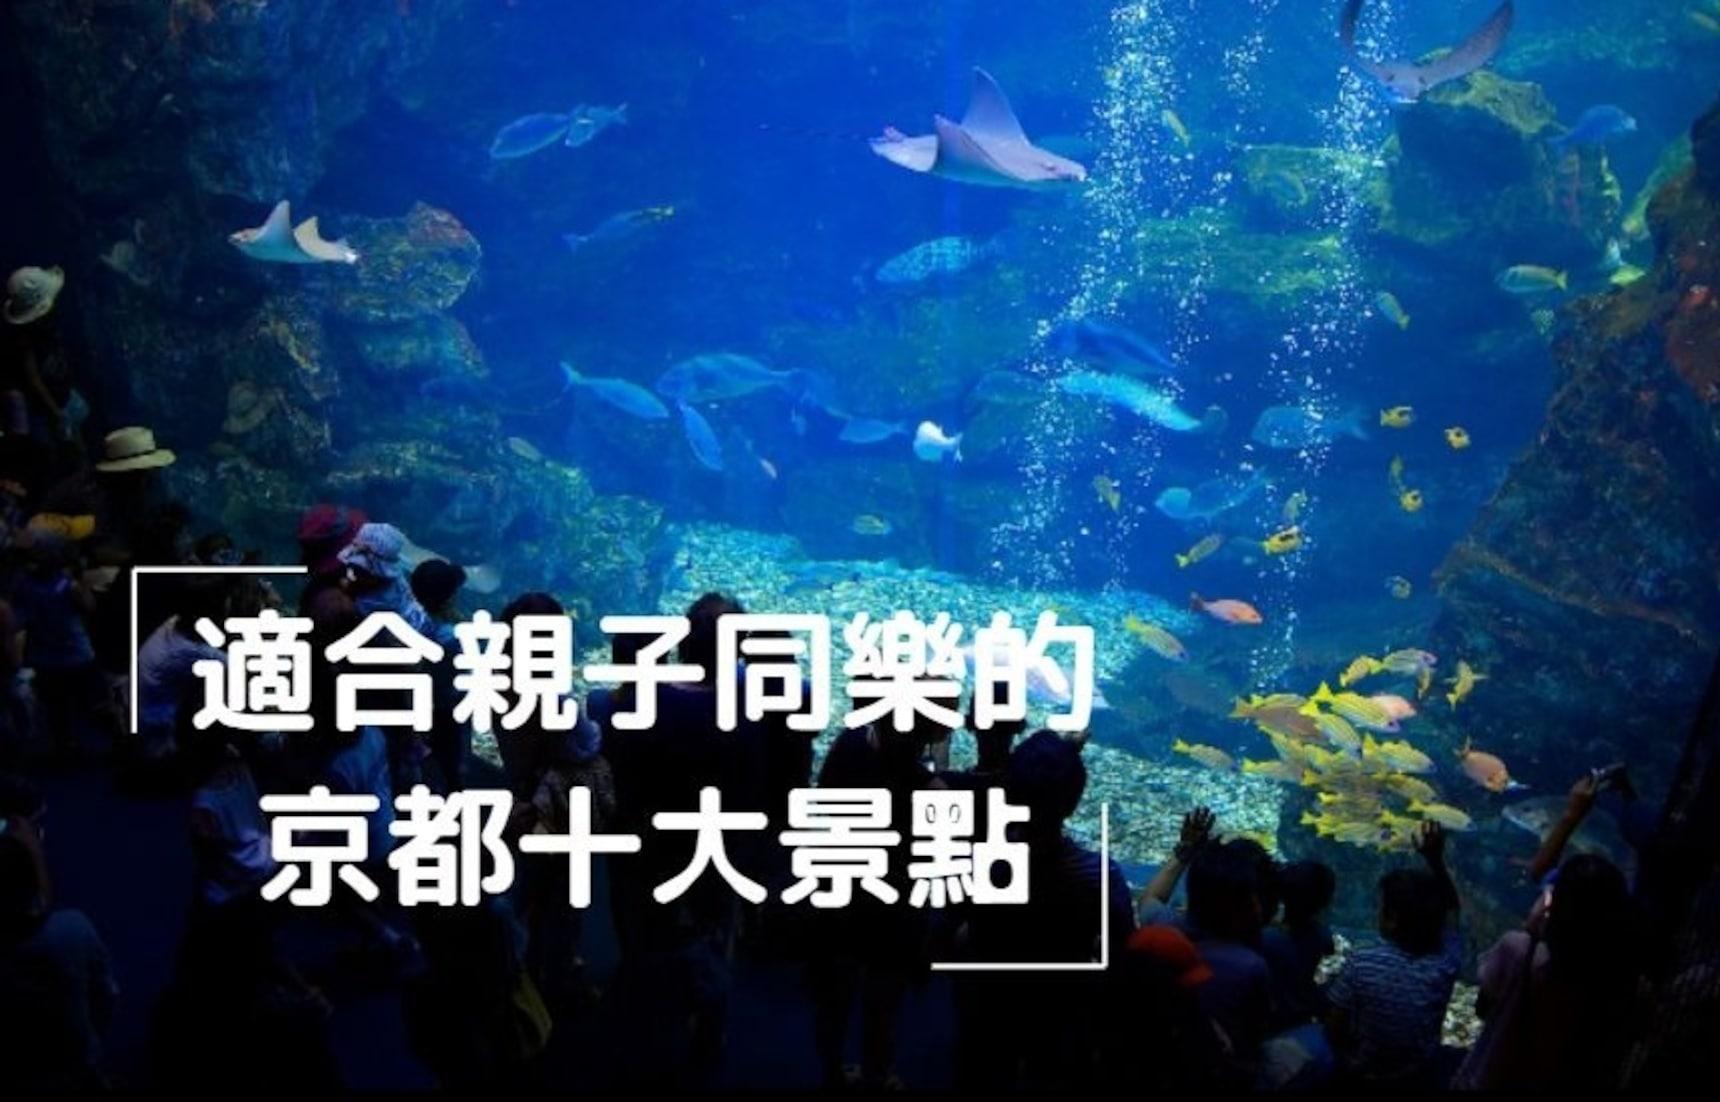 【京都景點】親子遊新選擇!主題樂園・戶外體驗・生態接觸路線推薦